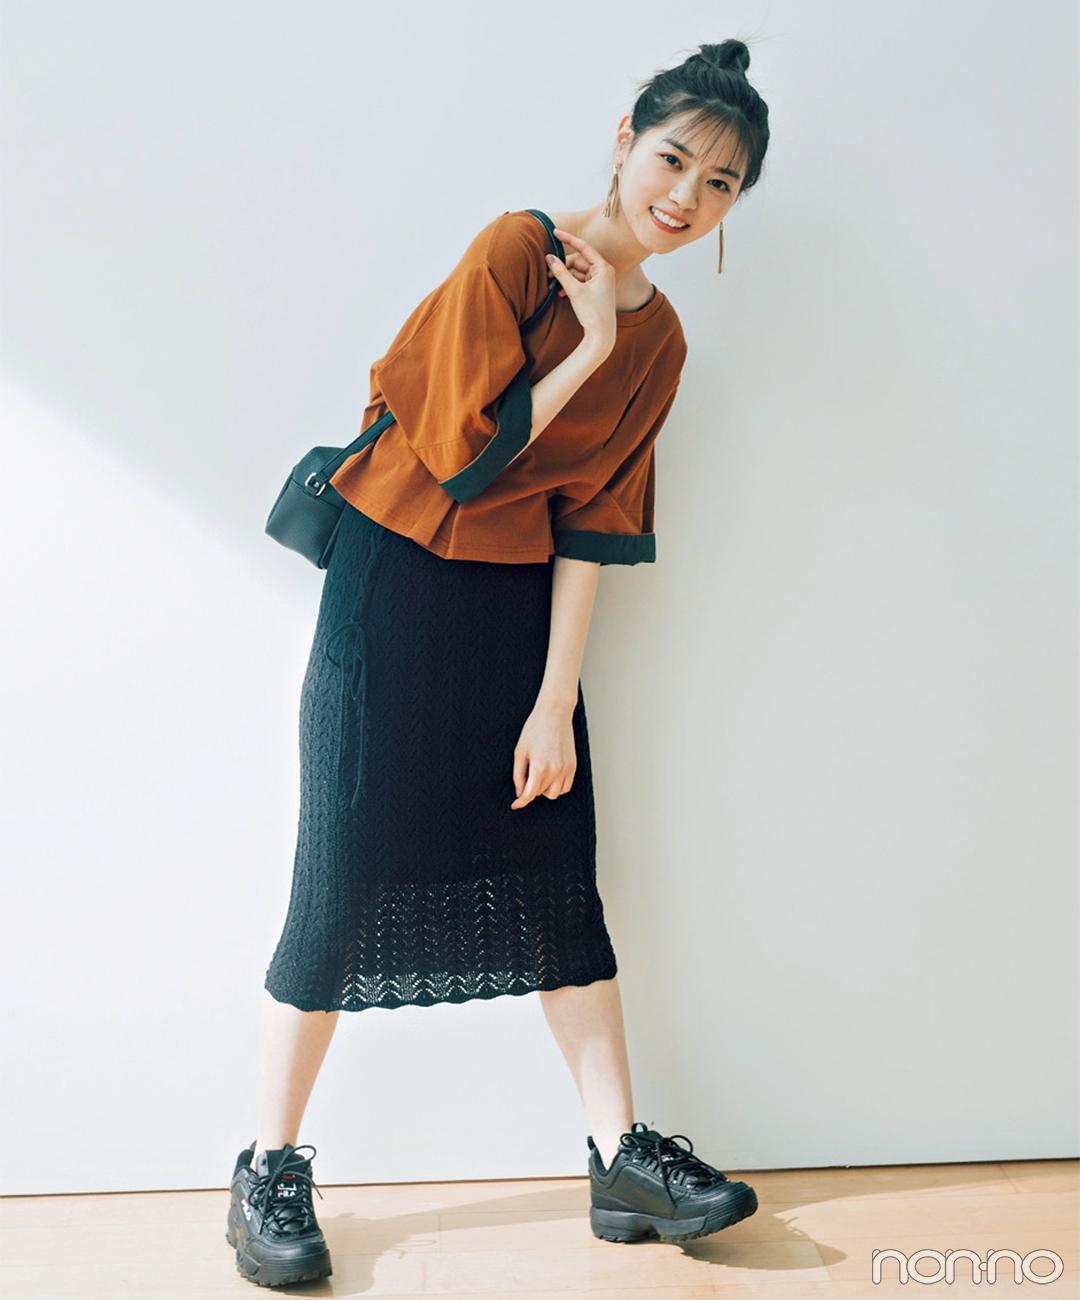 西野七瀬はブラウントップスとクロシェスカートで大人っぽく!【毎日コーデ】